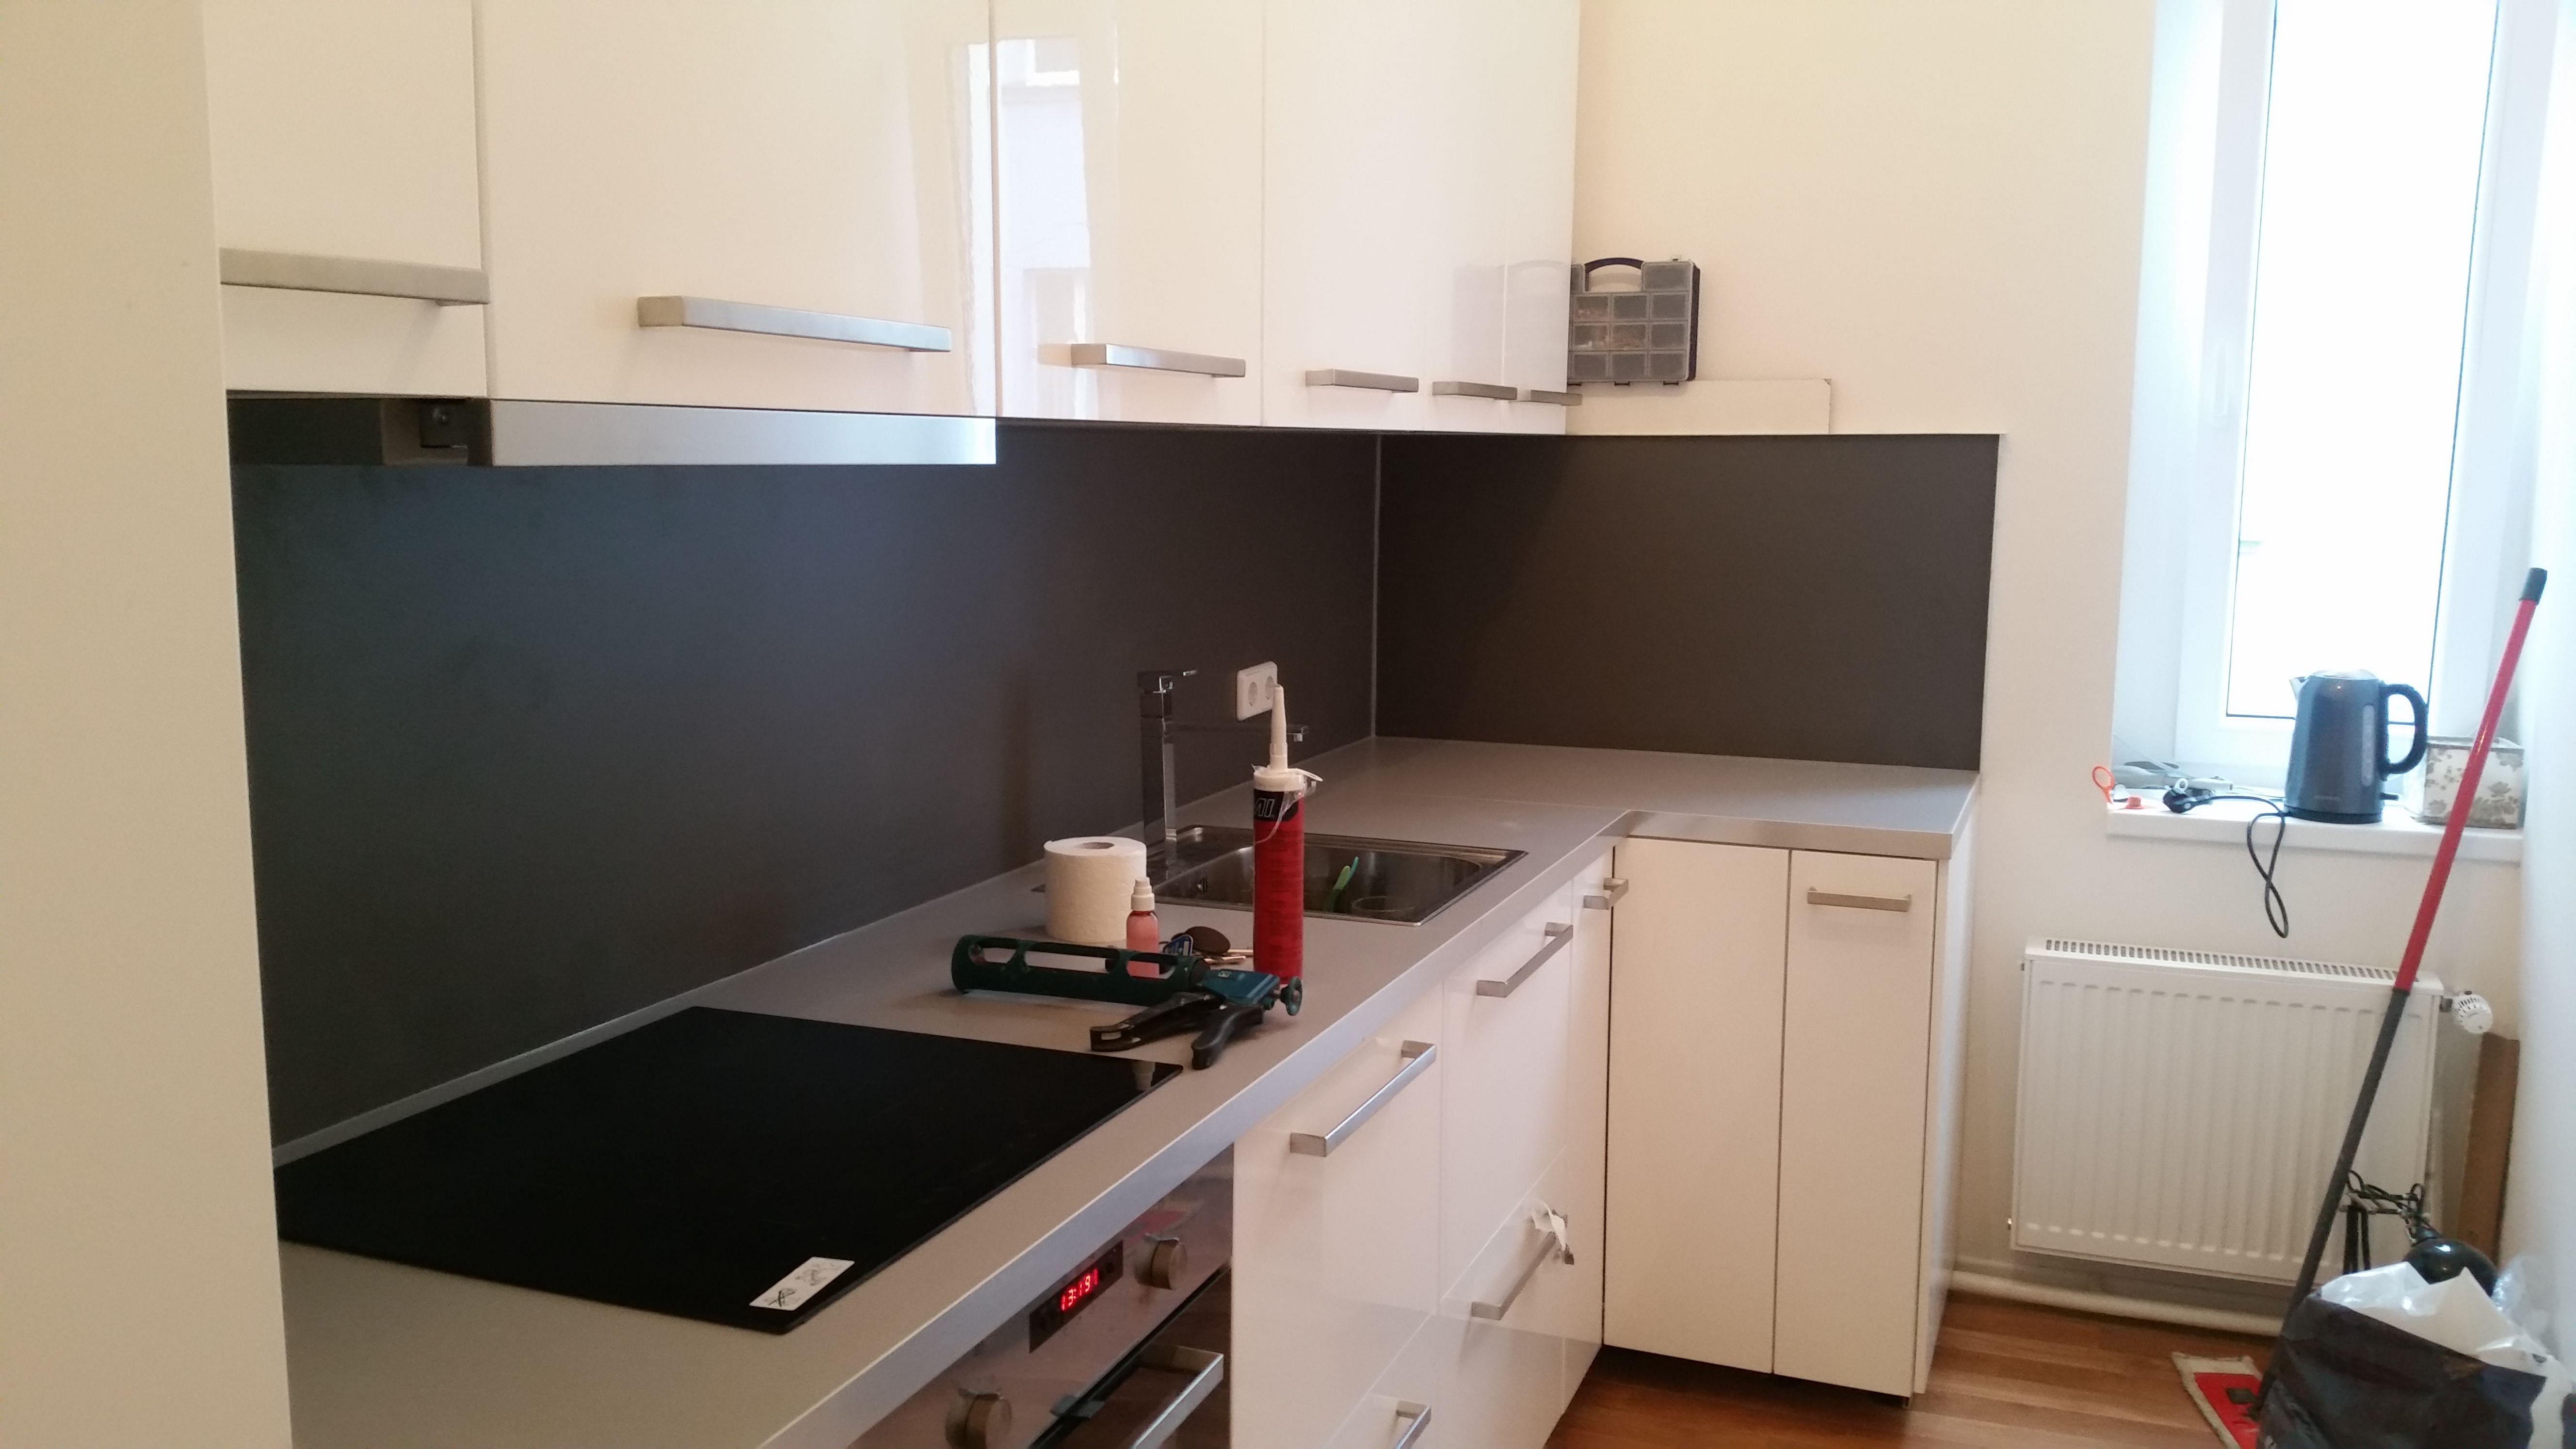 Montage einer IKEA-Küche